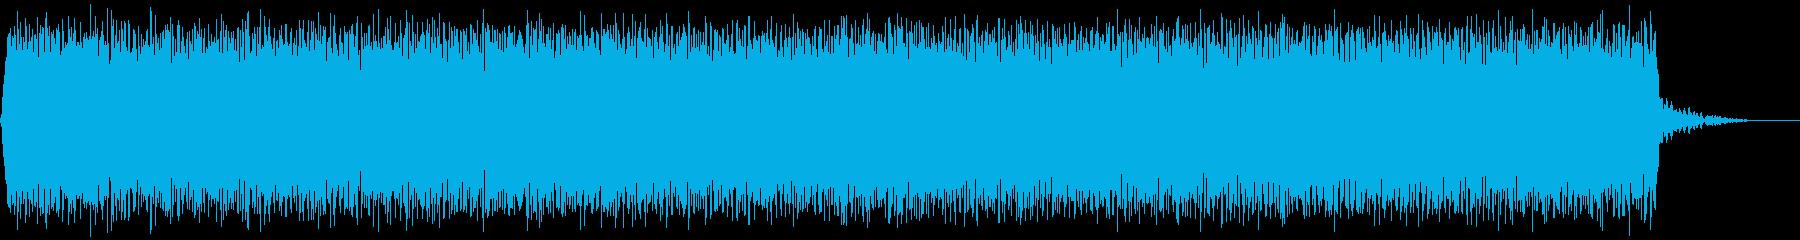 【アンビエント】ドローン_03 実験音の再生済みの波形